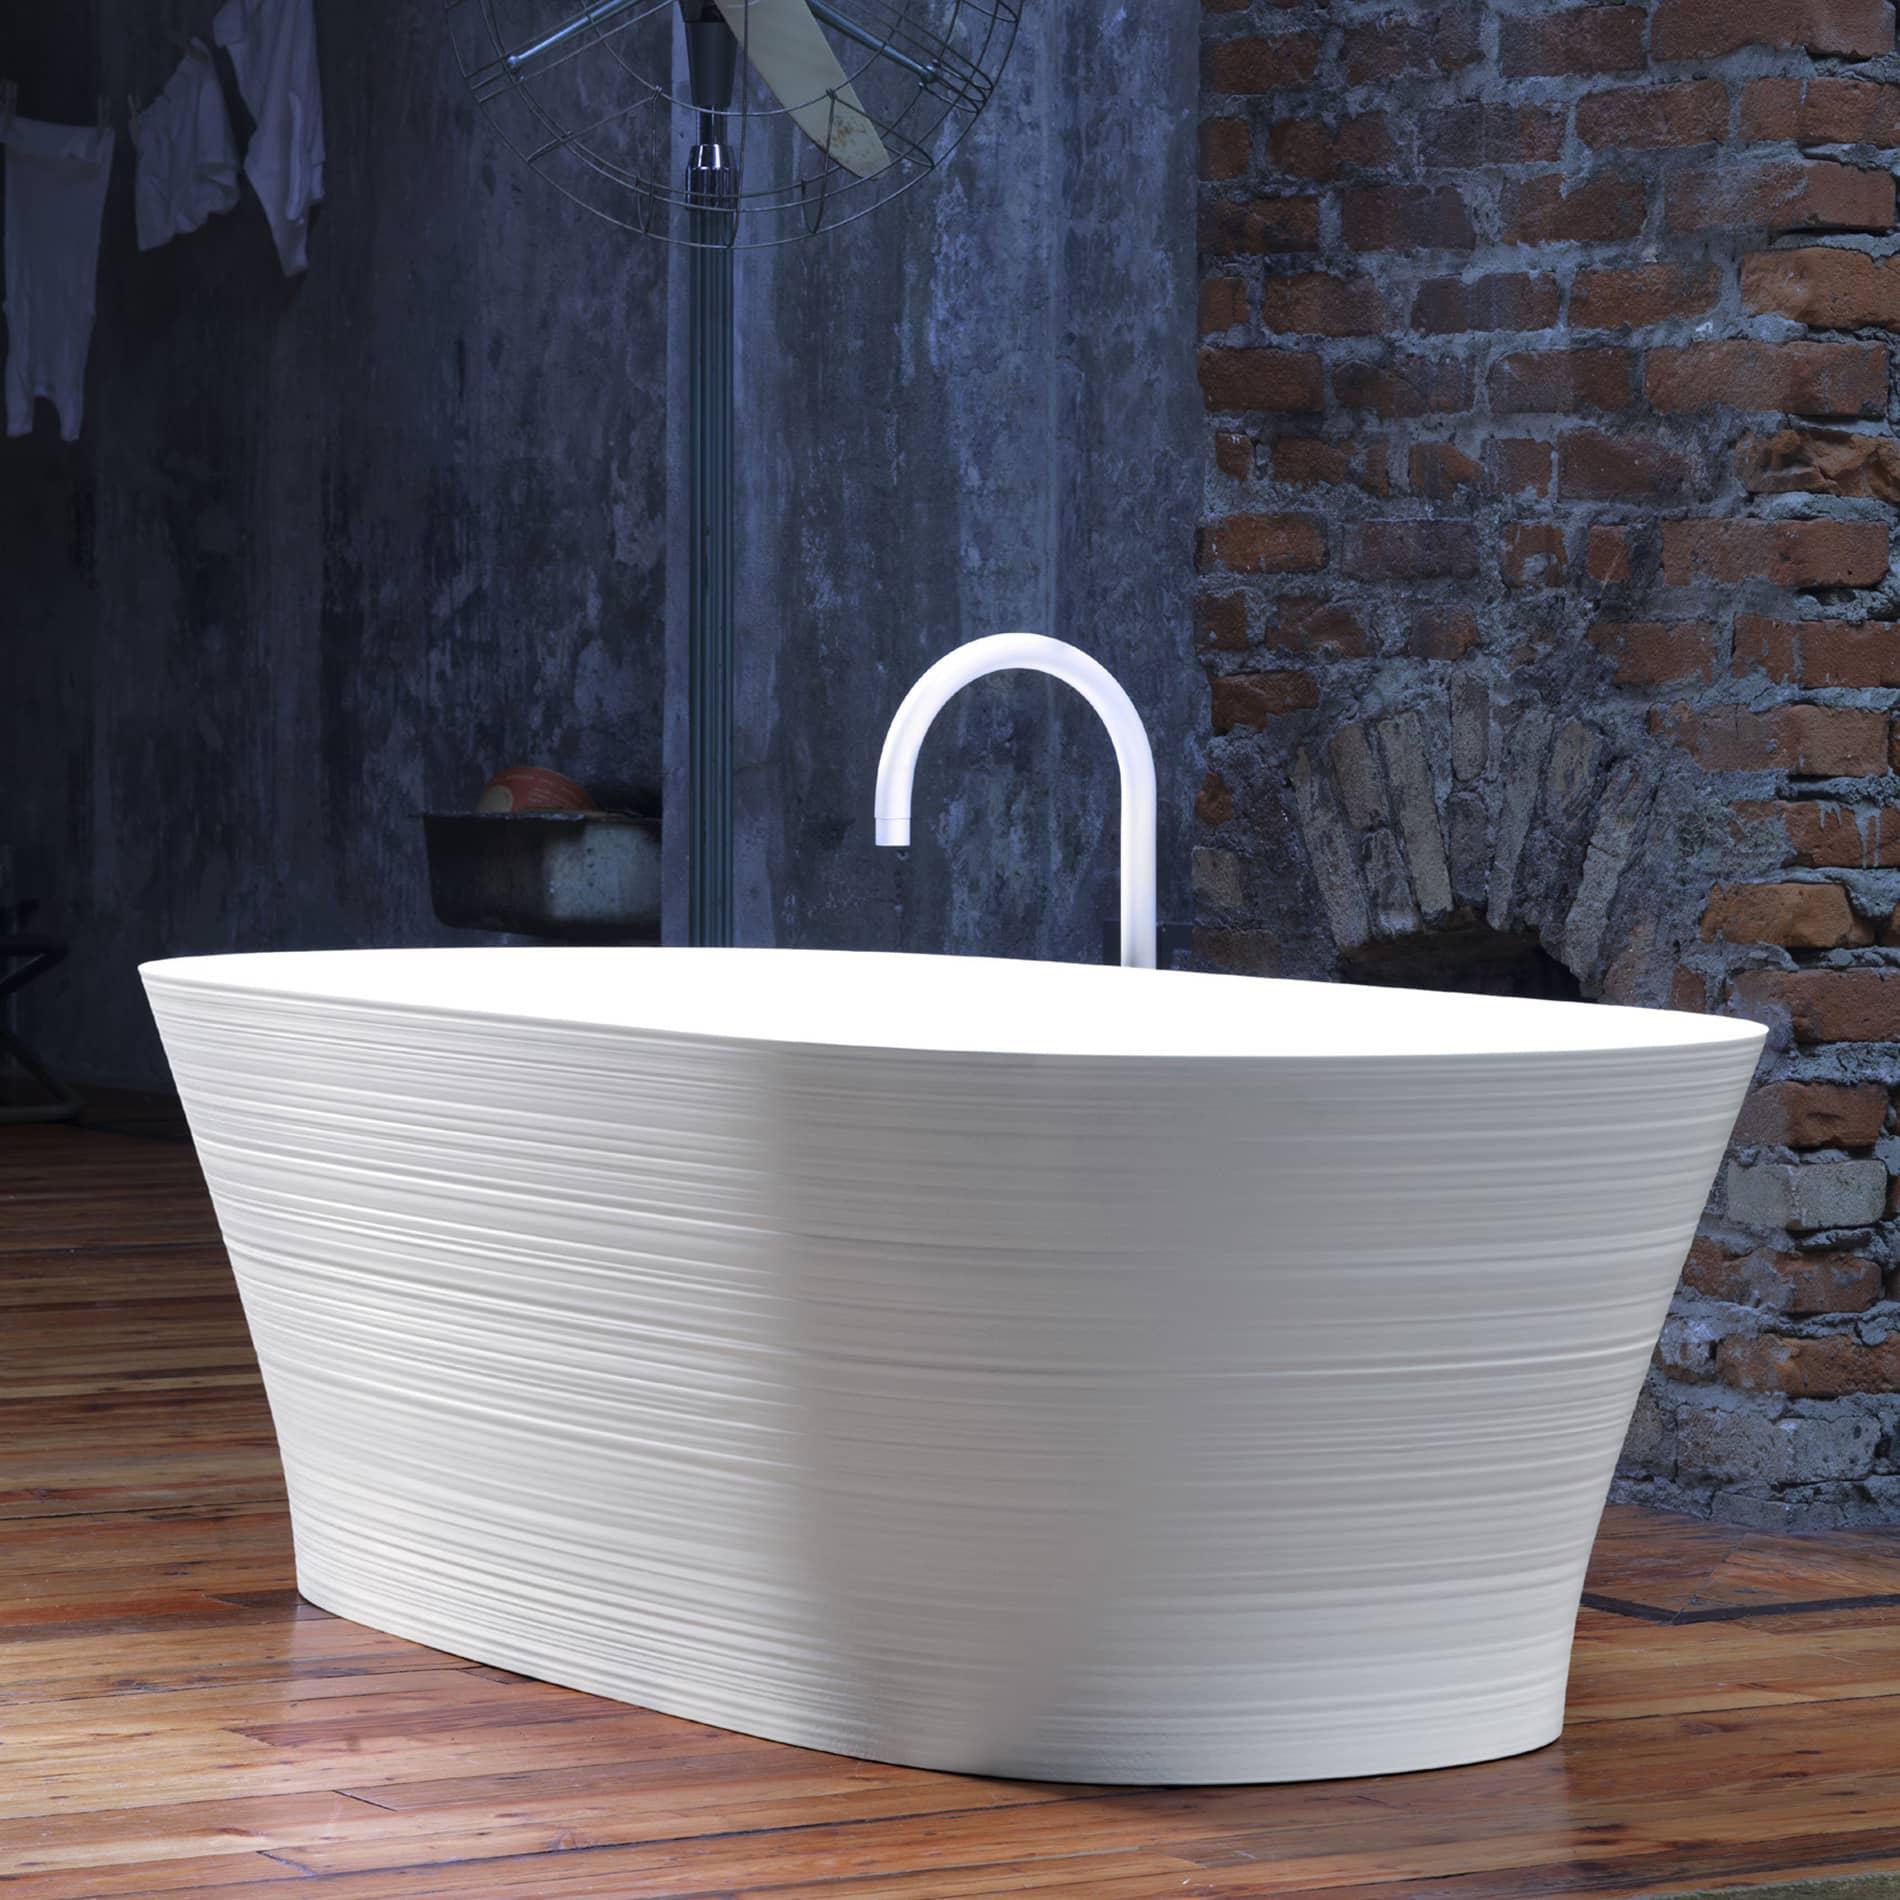 Cristalplant-products-Falper-tub-3